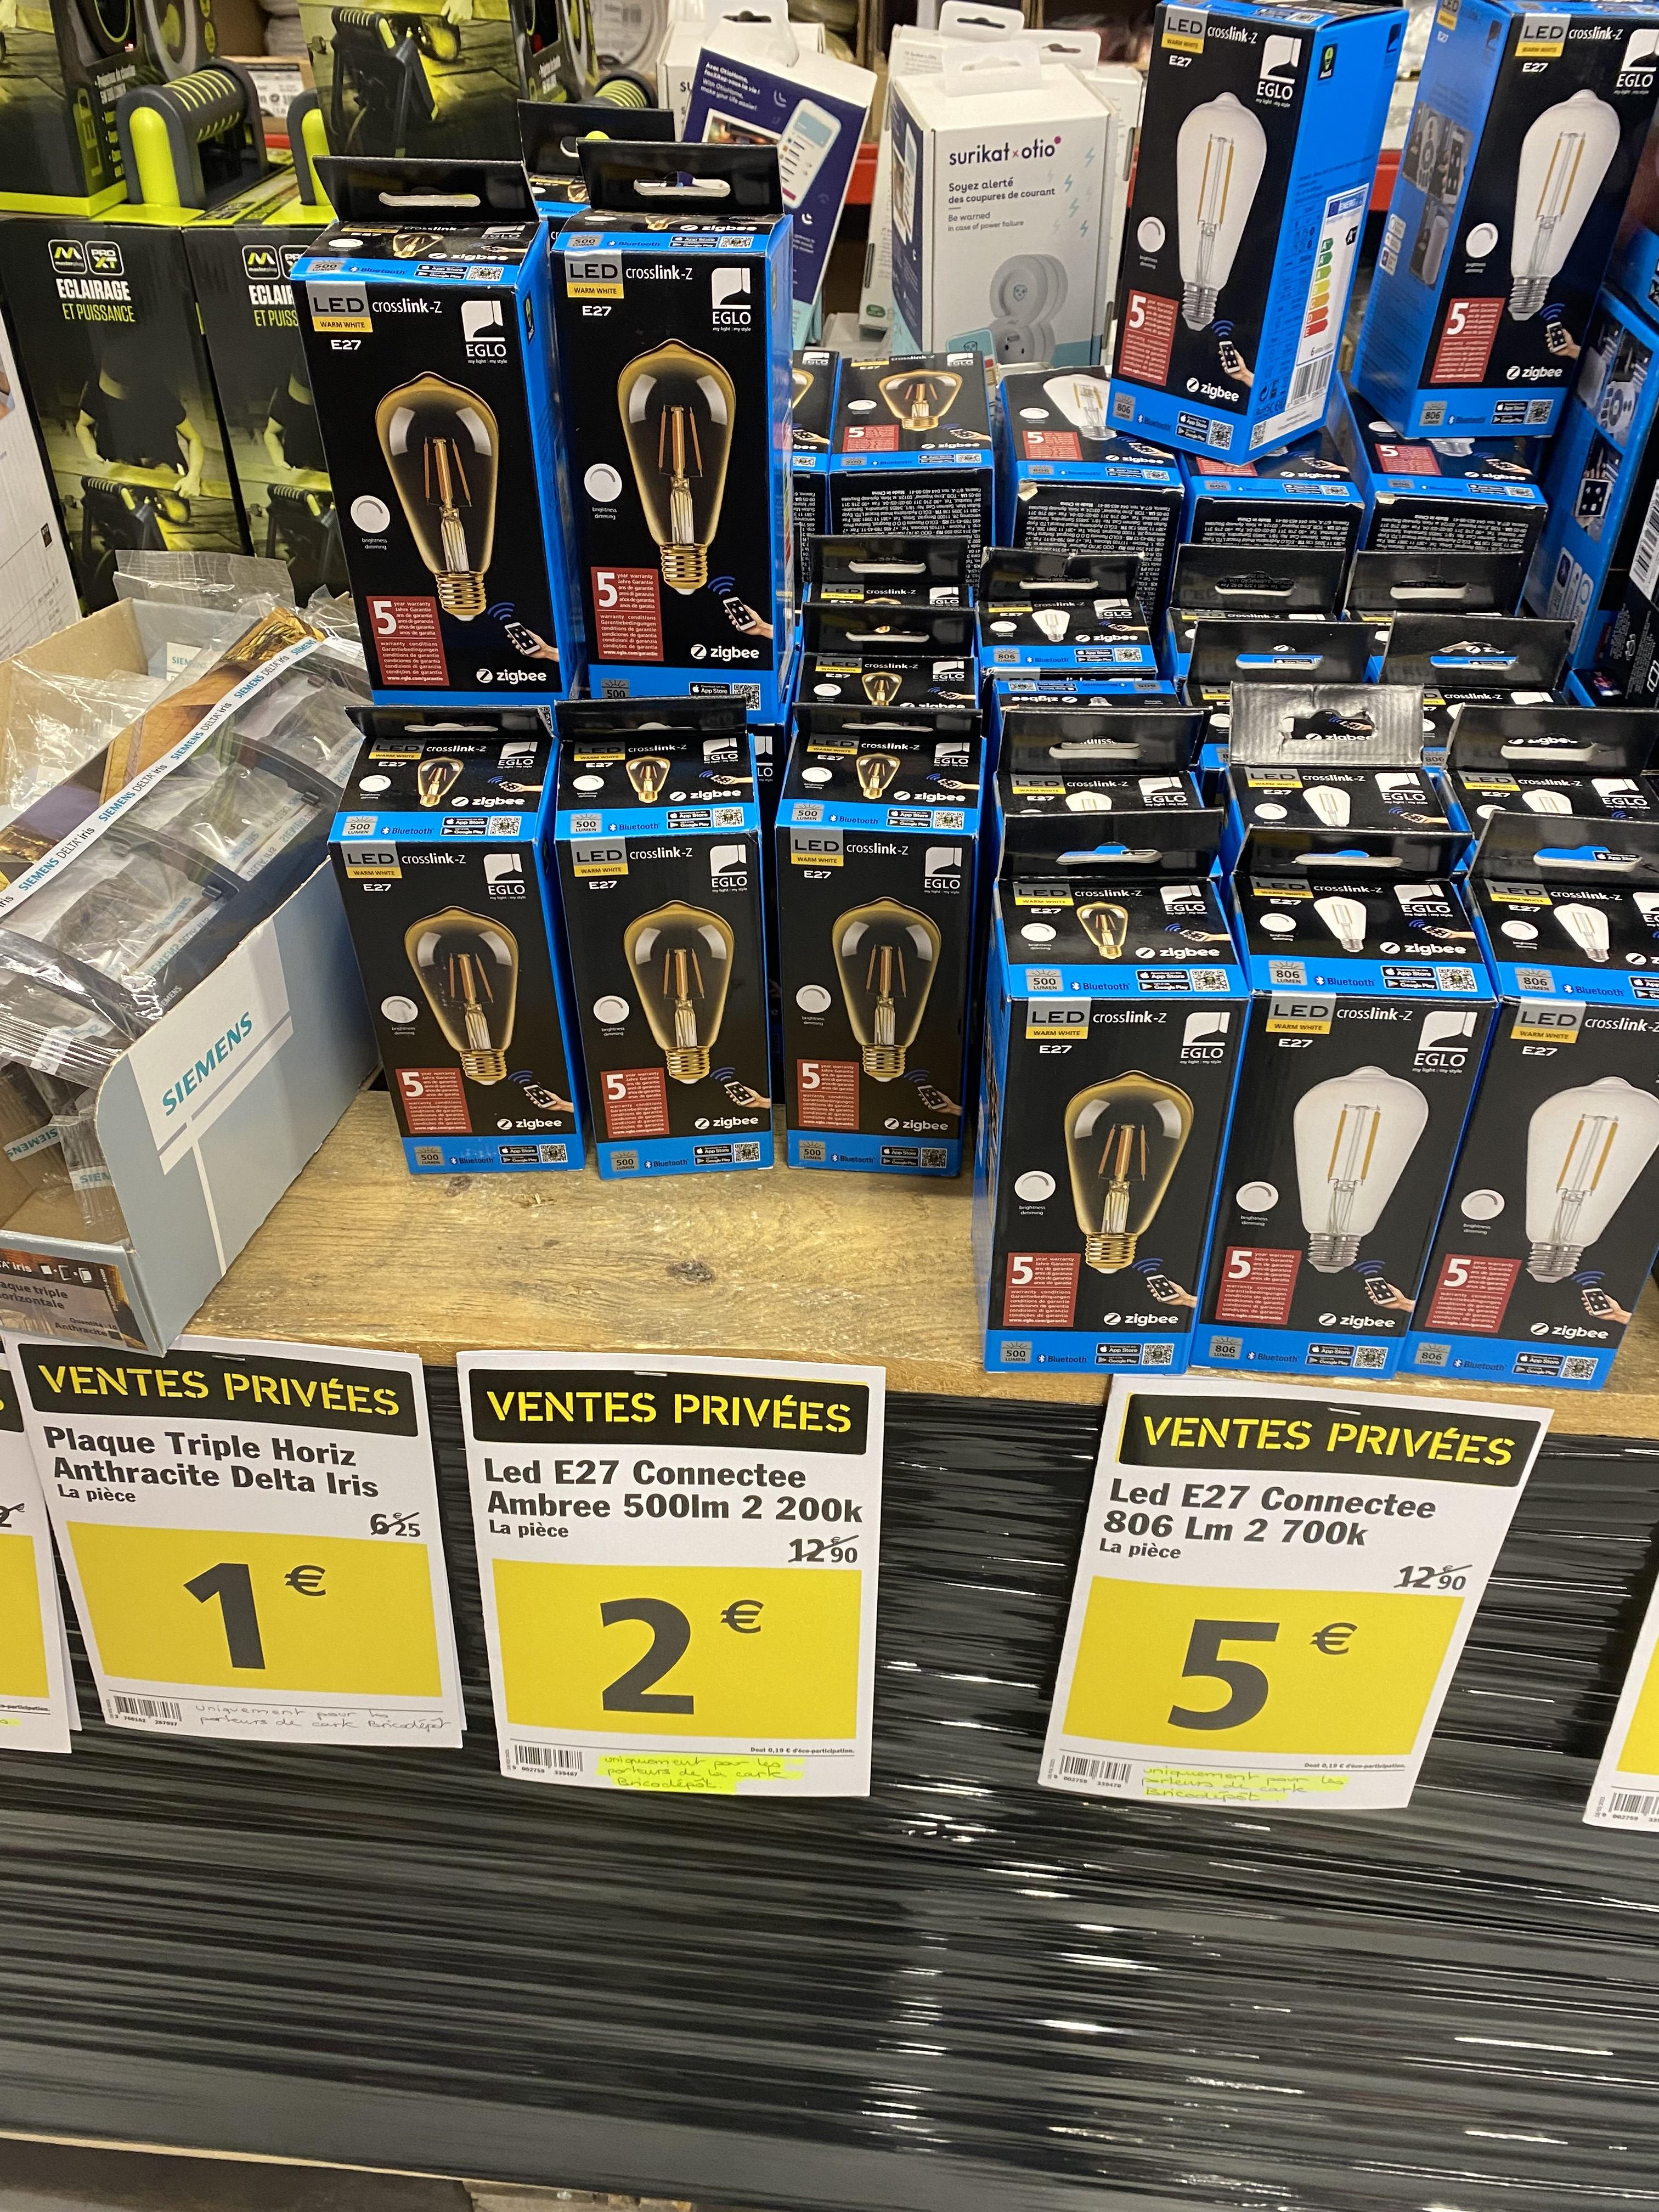 Ampoule LED connectée Eglo Crosslink-Z - E27, 500lm, Zigbee - Brest (29)